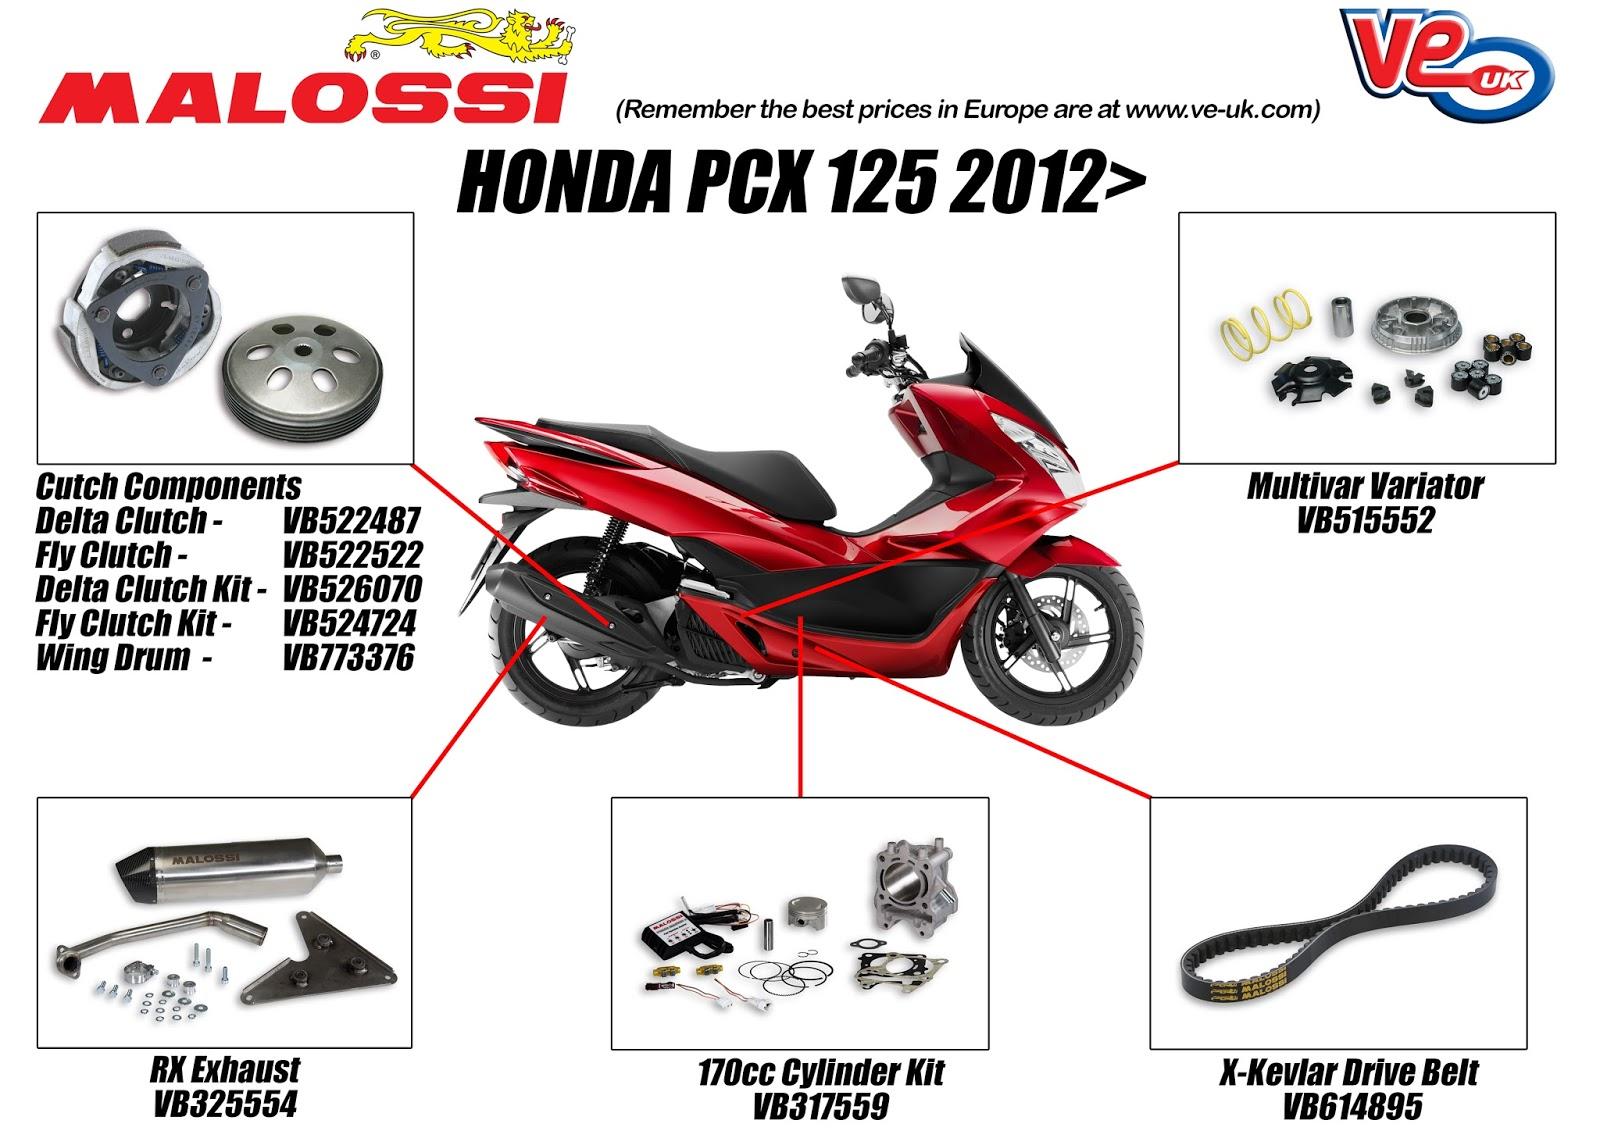 Honda PCX Tuning by Malossi